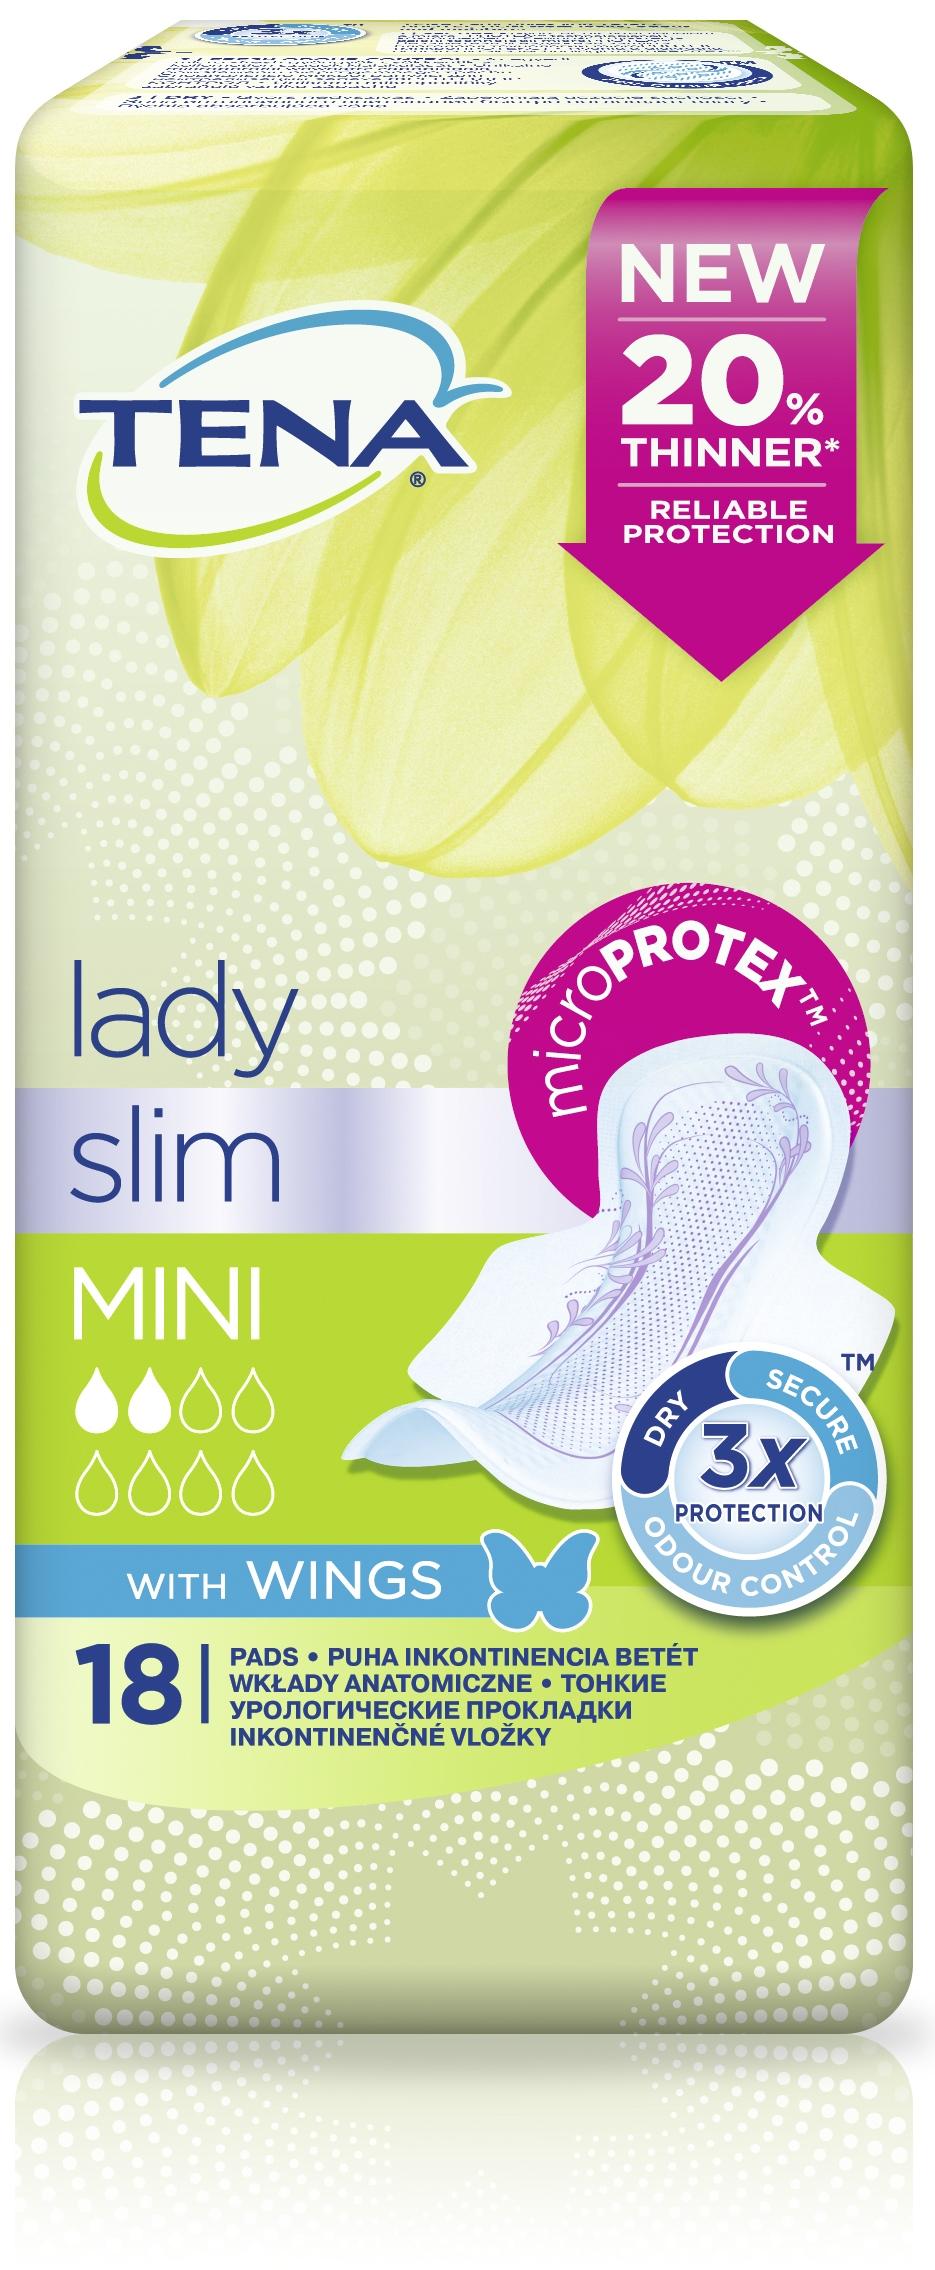 Tena Прокладки урологические Lady Mini Wings 18 шт01.00.15.762230Урологические прокладки Tena Lady обеспечивают тройную защиту от протеканий, влаги и запаха. Tena Lady MiniWings с крылышками и технологией DRYZone (Драй зона) такие же по размеру, как обычные прокладки для критических дней, но созданы специально для защиты при капельном и легком недержании. Зона интенсивного впитывания DRYZone быстро поглощает влагу, обеспечивая комфорт и сухость в течение всего дня. Прокладки Tena Lady Mini удерживают влагу и остаются сухими даже при надавливании.Система Fresh Odour Control предотвращает развитие нежелательного запаха.Дерматологически протестированы.Каждая прокладка индивидуально упакована, ее удобно брать с собой и можно выбросить, свернув в индивидуальную упаковку.